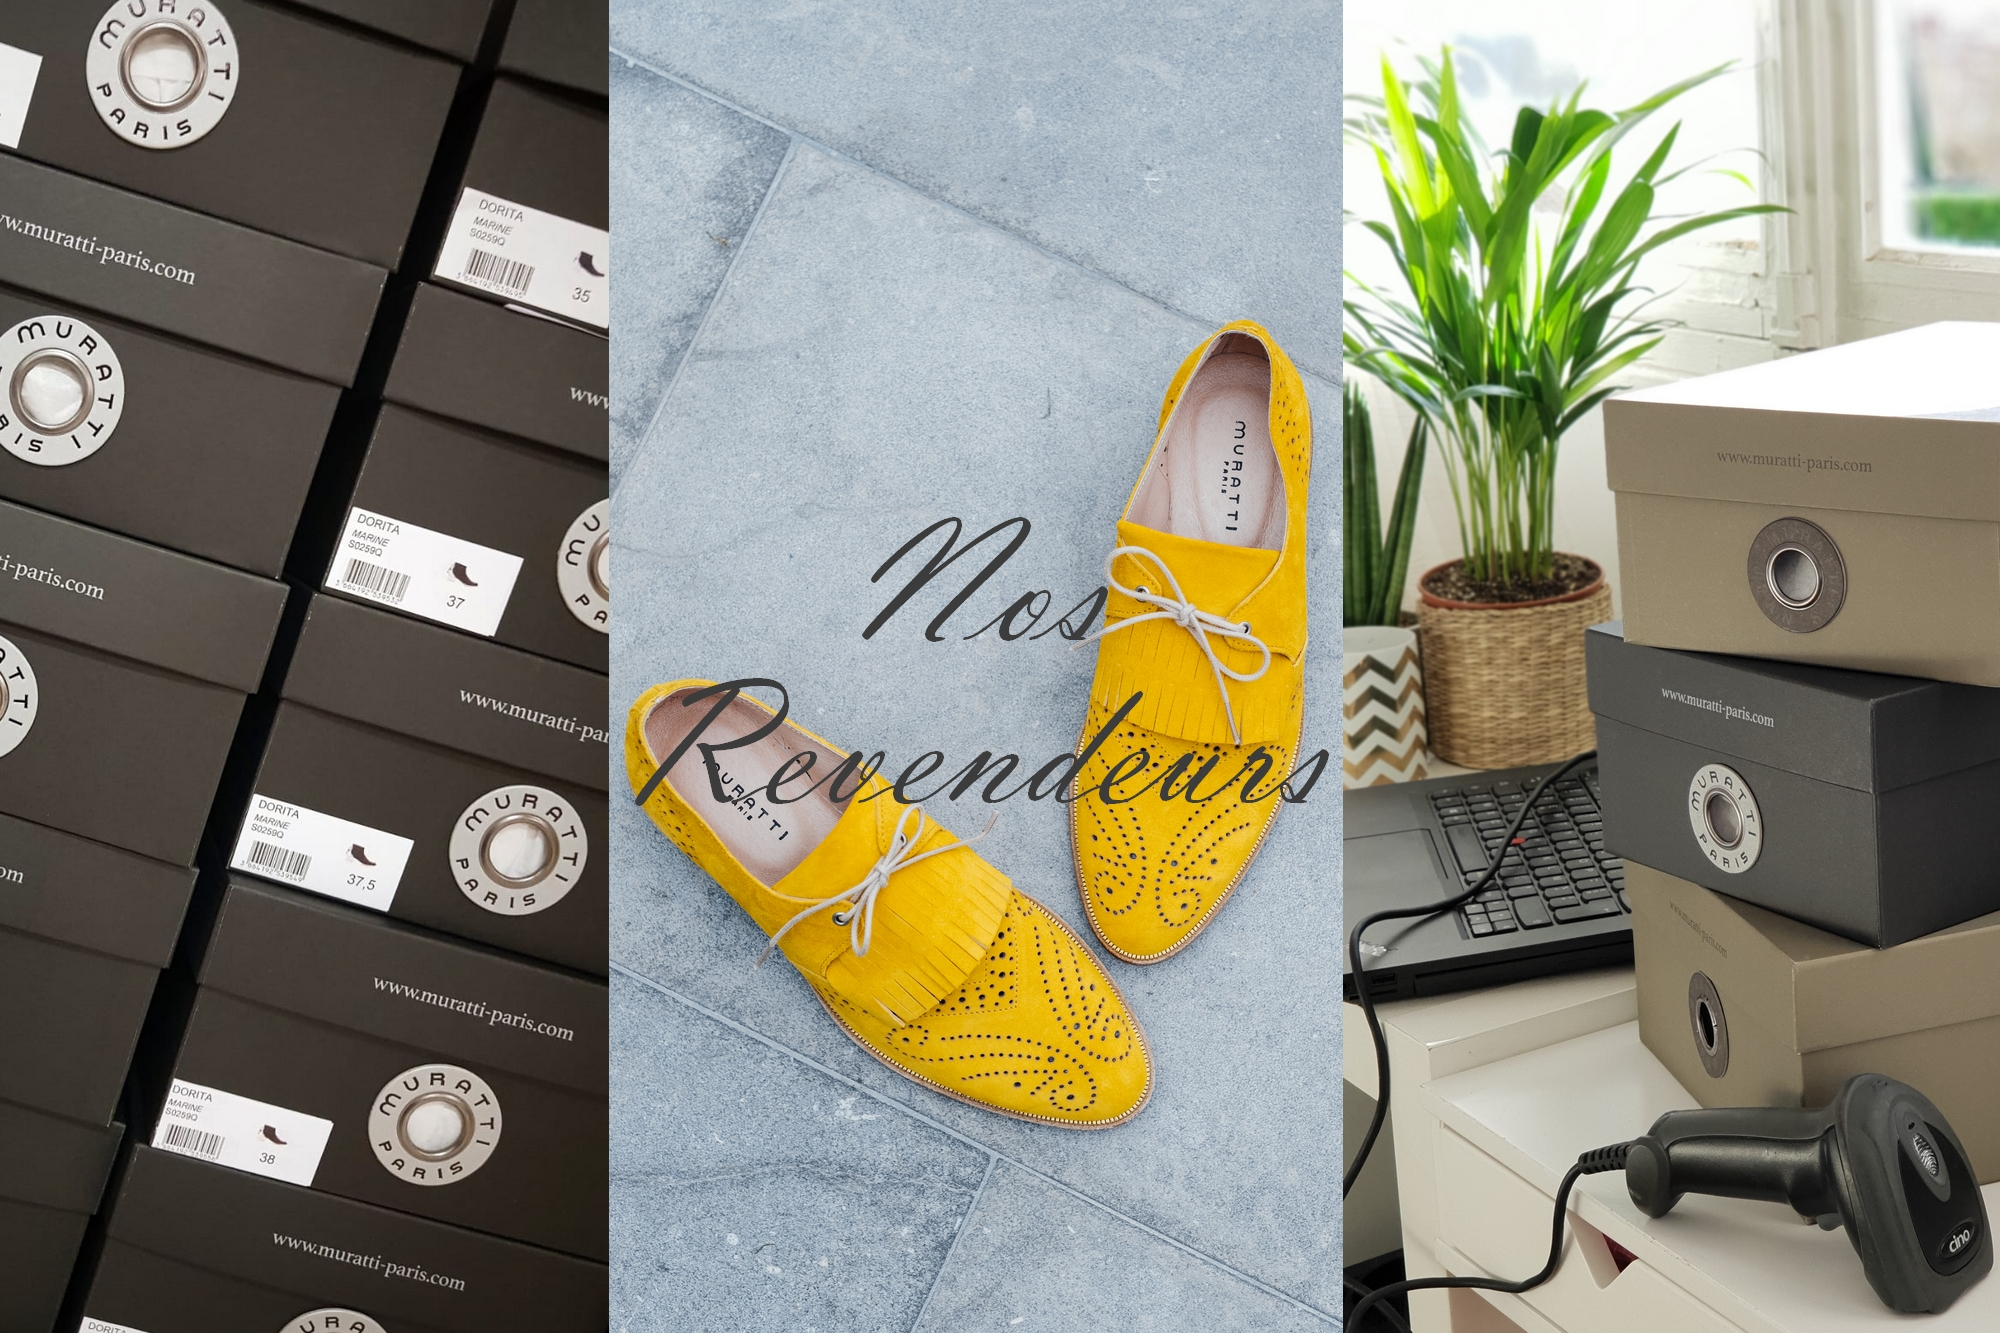 355427f779 Trouver ma boutique Muratti Paris — Plus de 500 revendeurs partenaires